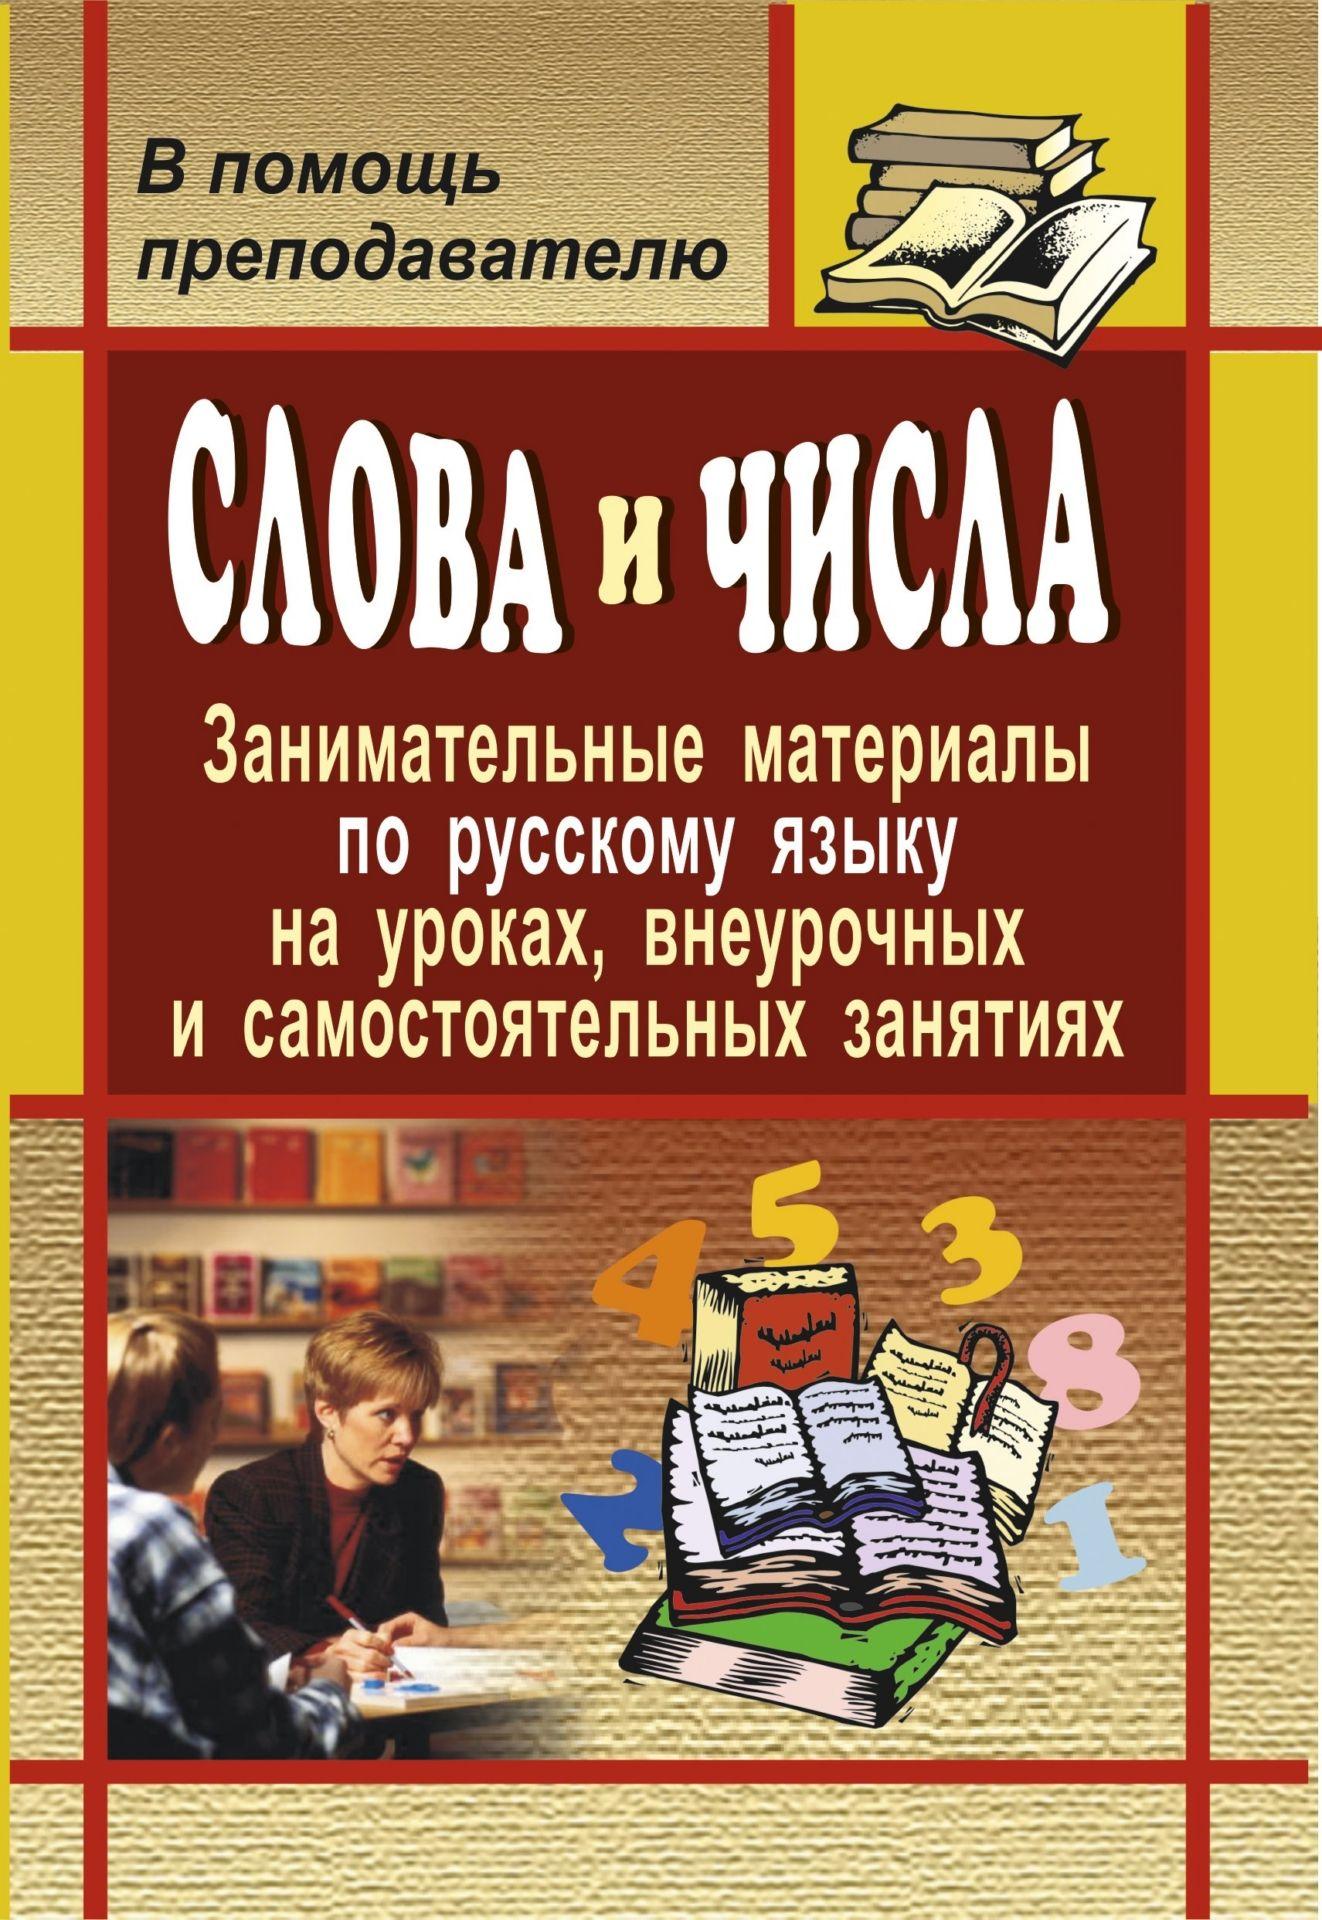 Слова и числа: занимательные материалы по русскому языку на уроках, внеурочных и самостоятельных занятиях